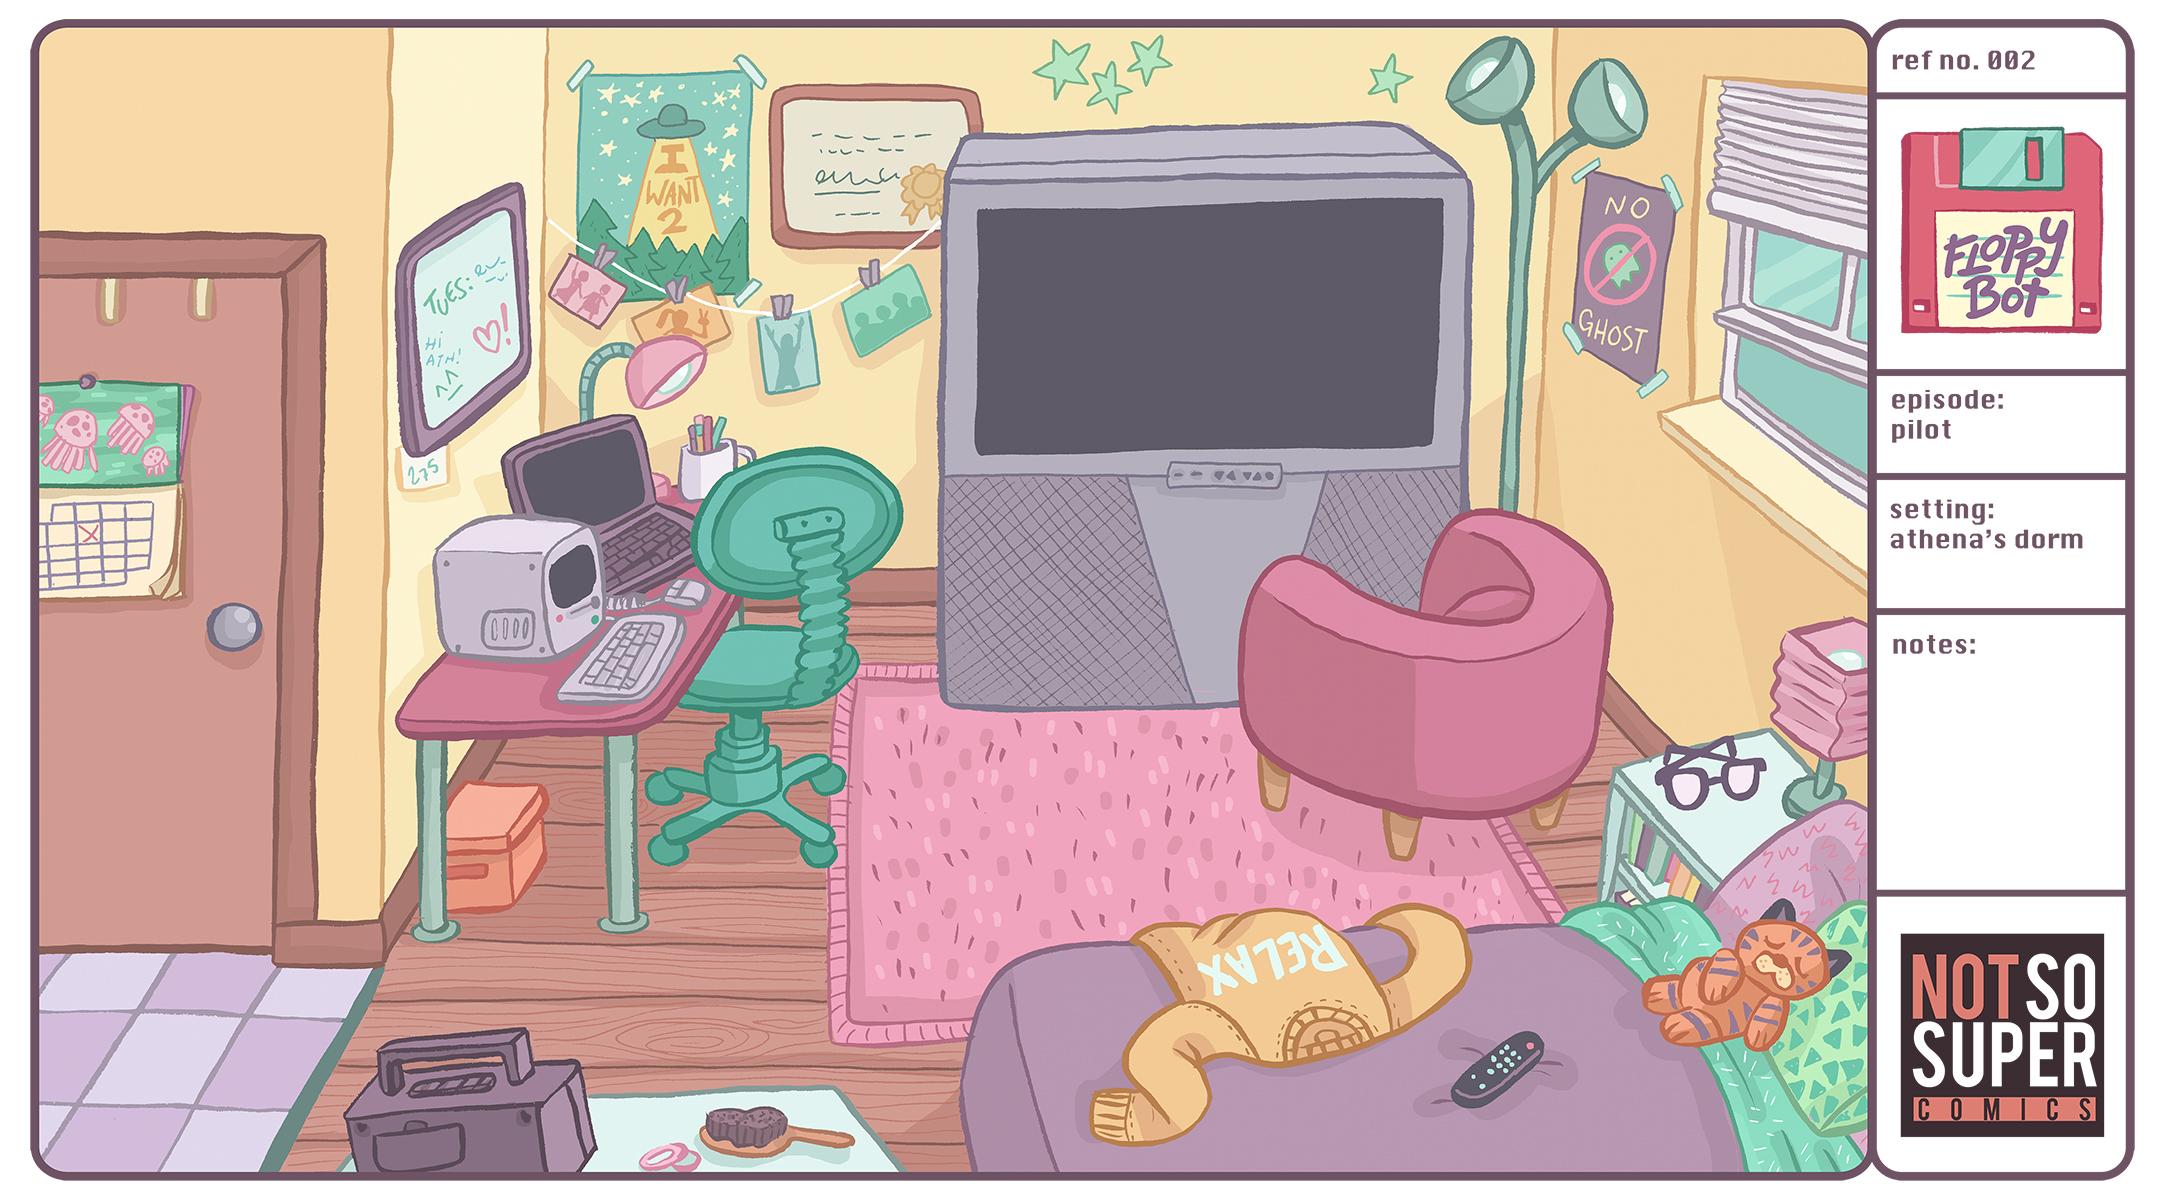 FB002-Dorm-Bedroom.jpg